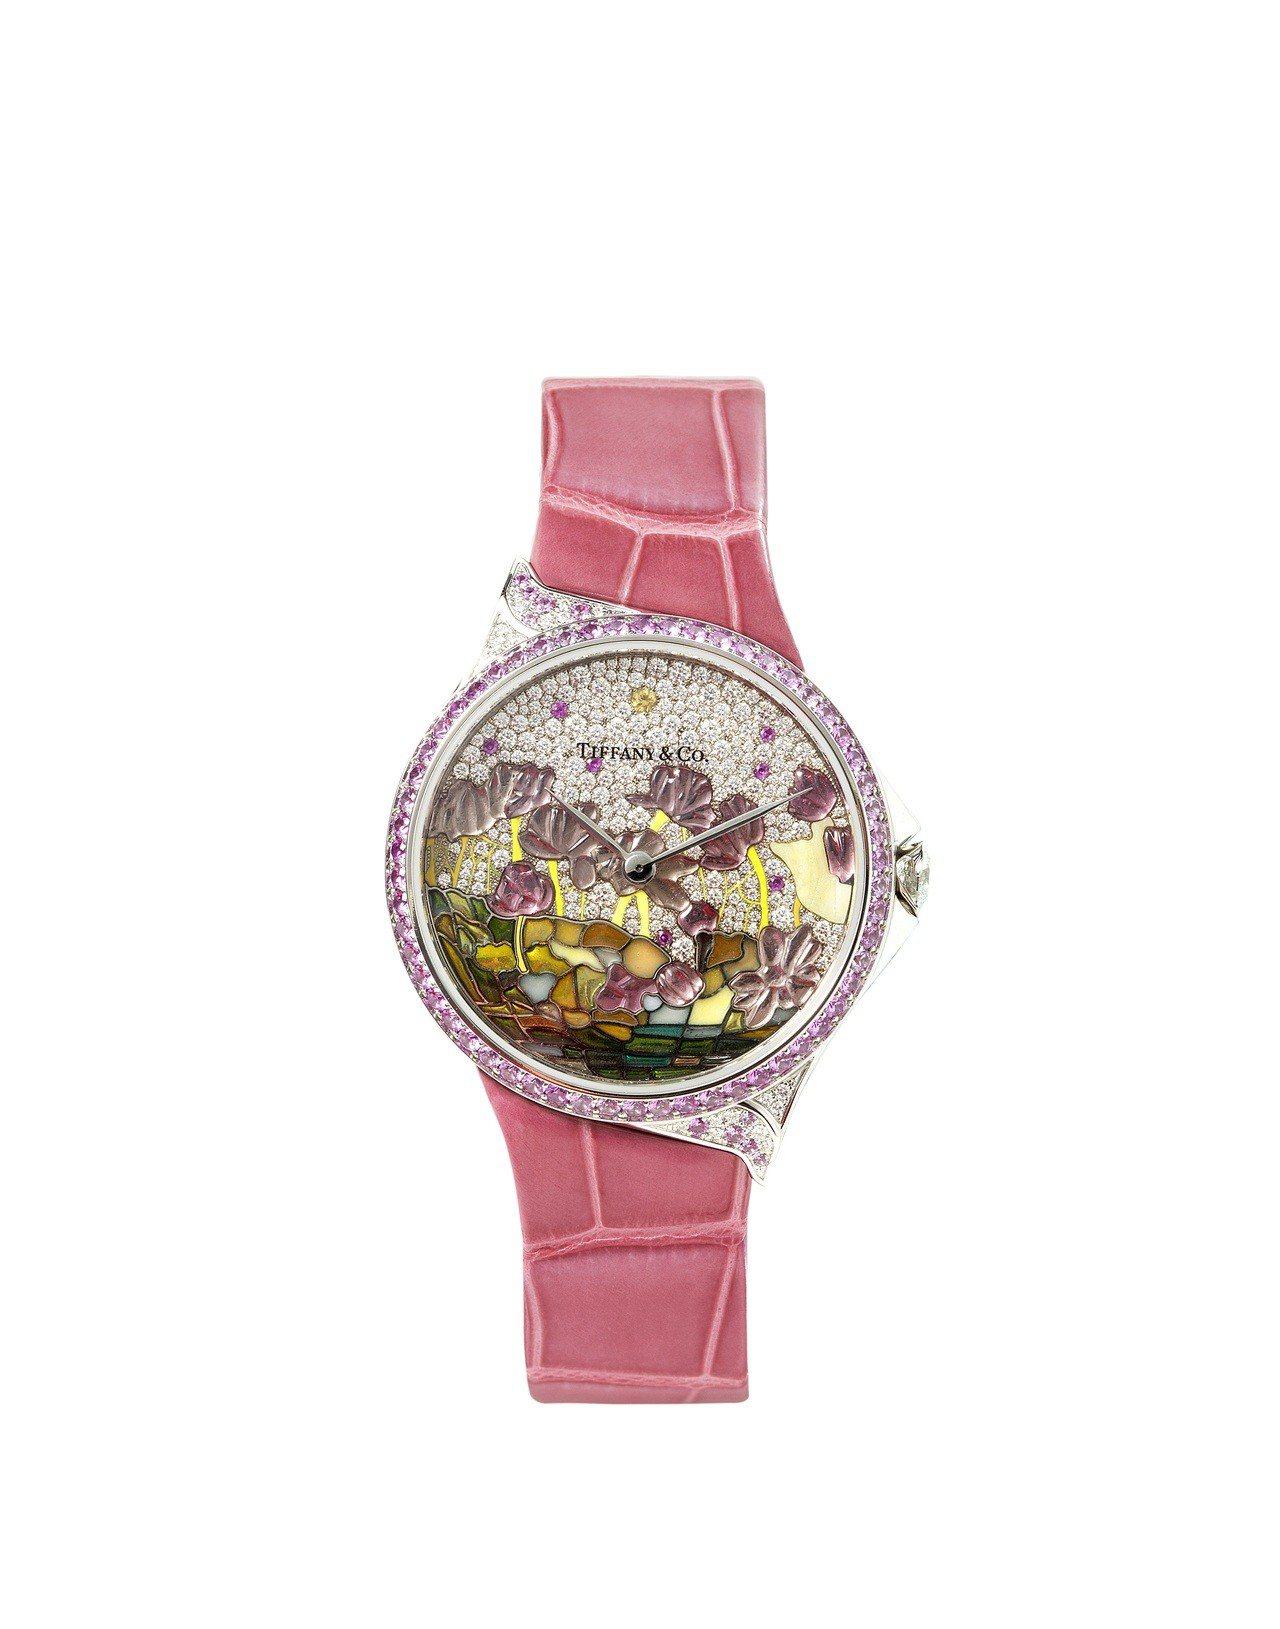 大中華地區Tiffany高級珠寶腕表系列,Tiffany Metro高級珠寶蓮花...